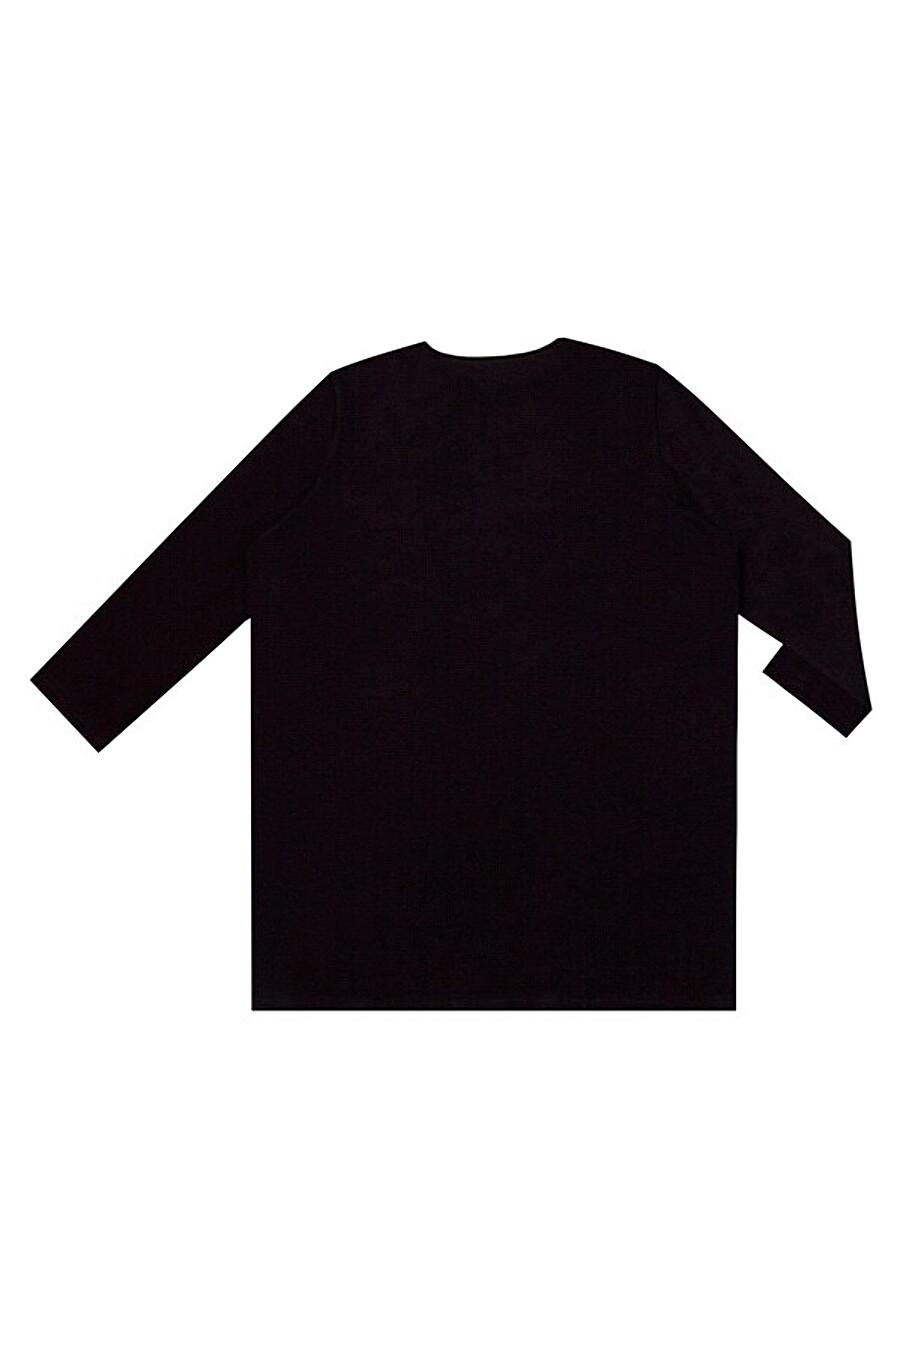 Лонгслив для женщин АПРЕЛЬ 219038 купить оптом от производителя. Совместная покупка женской одежды в OptMoyo